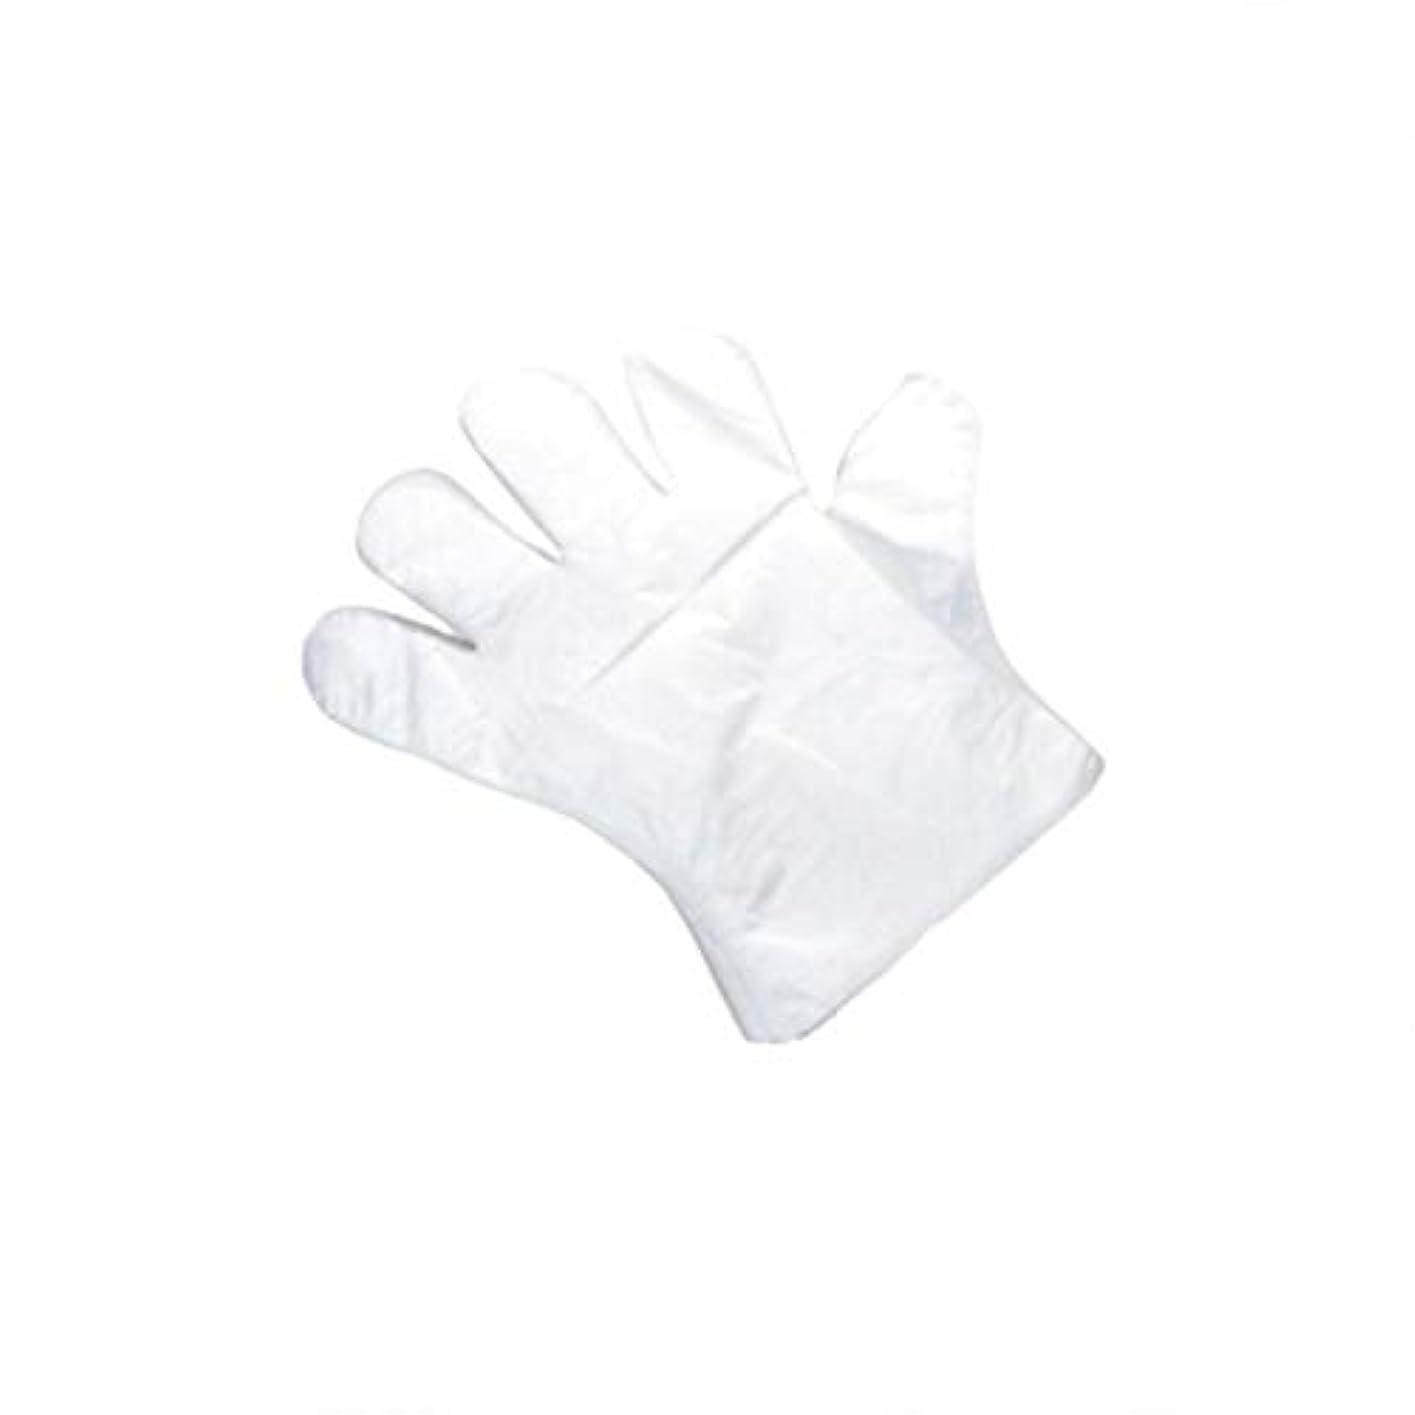 コンプライアンス外部フランクワースリー手袋、使い捨て手袋、肥厚、抽出手袋、テーブル、ピクニック、100スーツ。